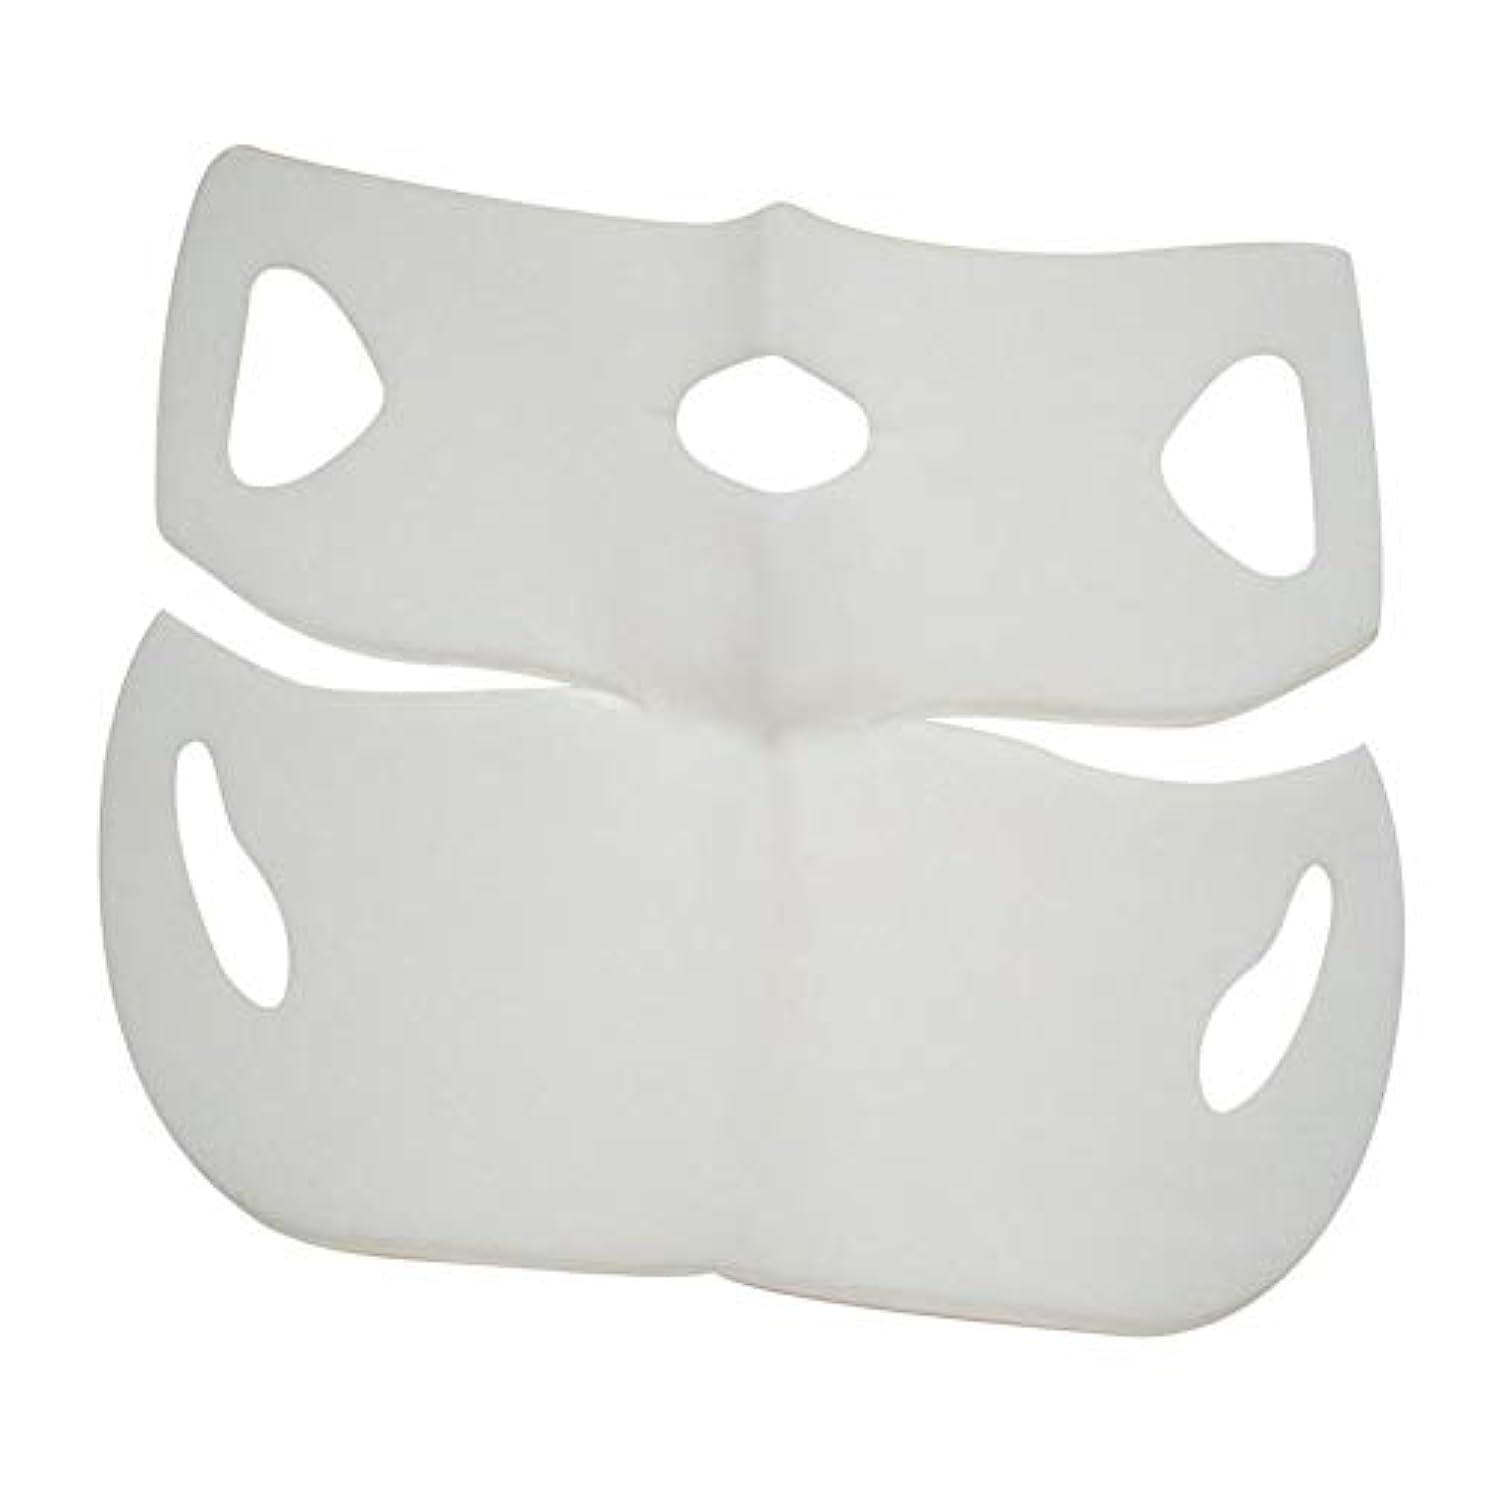 国民派生する鋼SILUN 最新型 4D Vフェイシャルマスク フェイスマスク 小顔 マスク フェイスラインベルト 美顔 顔痩せ 肌ケア 保湿 毛細血管収縮 睡眠マスク